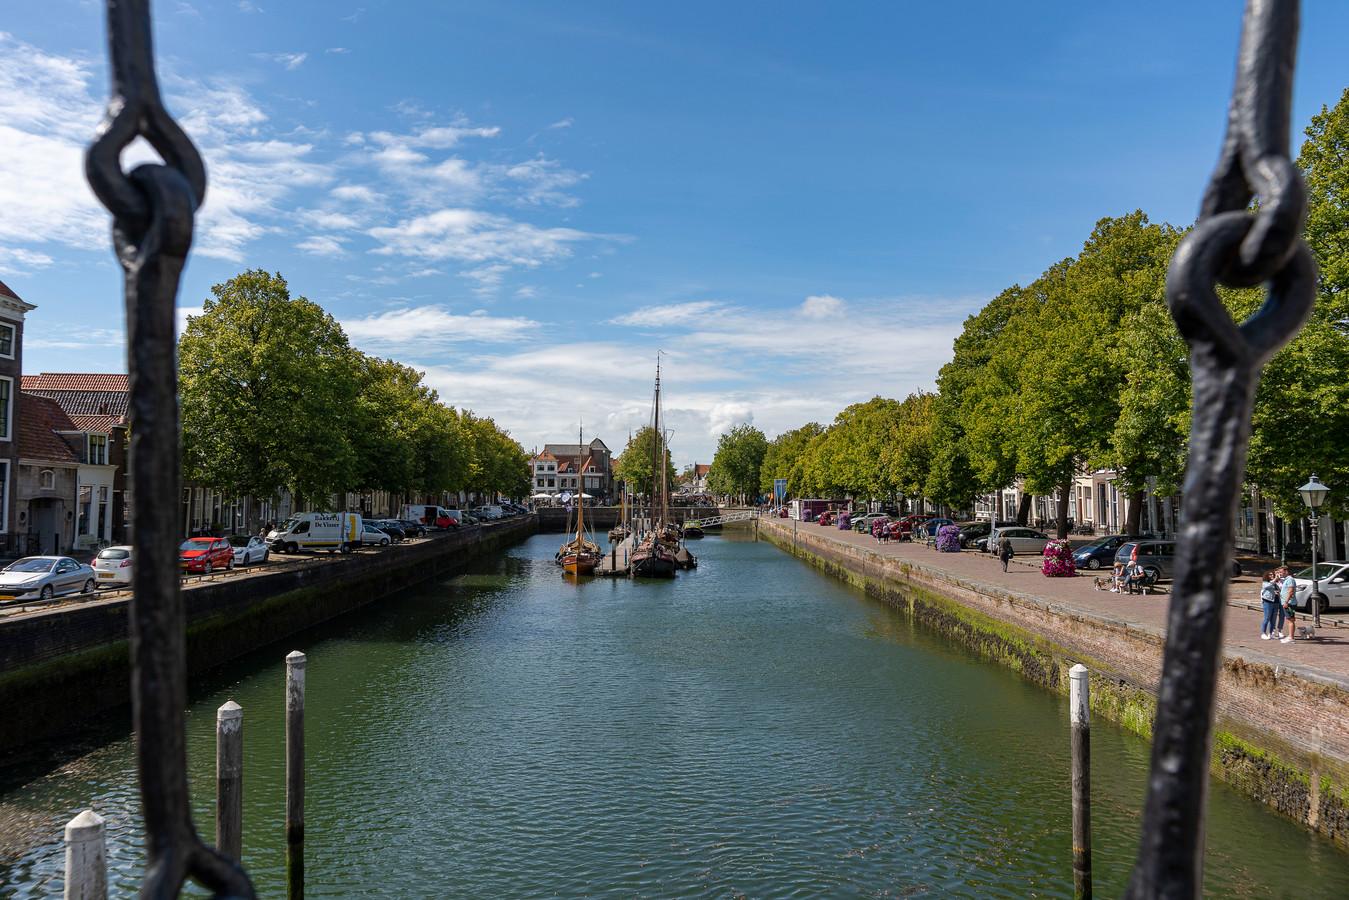 De eeuwenoude kademuren van de Oude Haven in Zierikzee scheuren en zijn dringend aan restauratie toe.